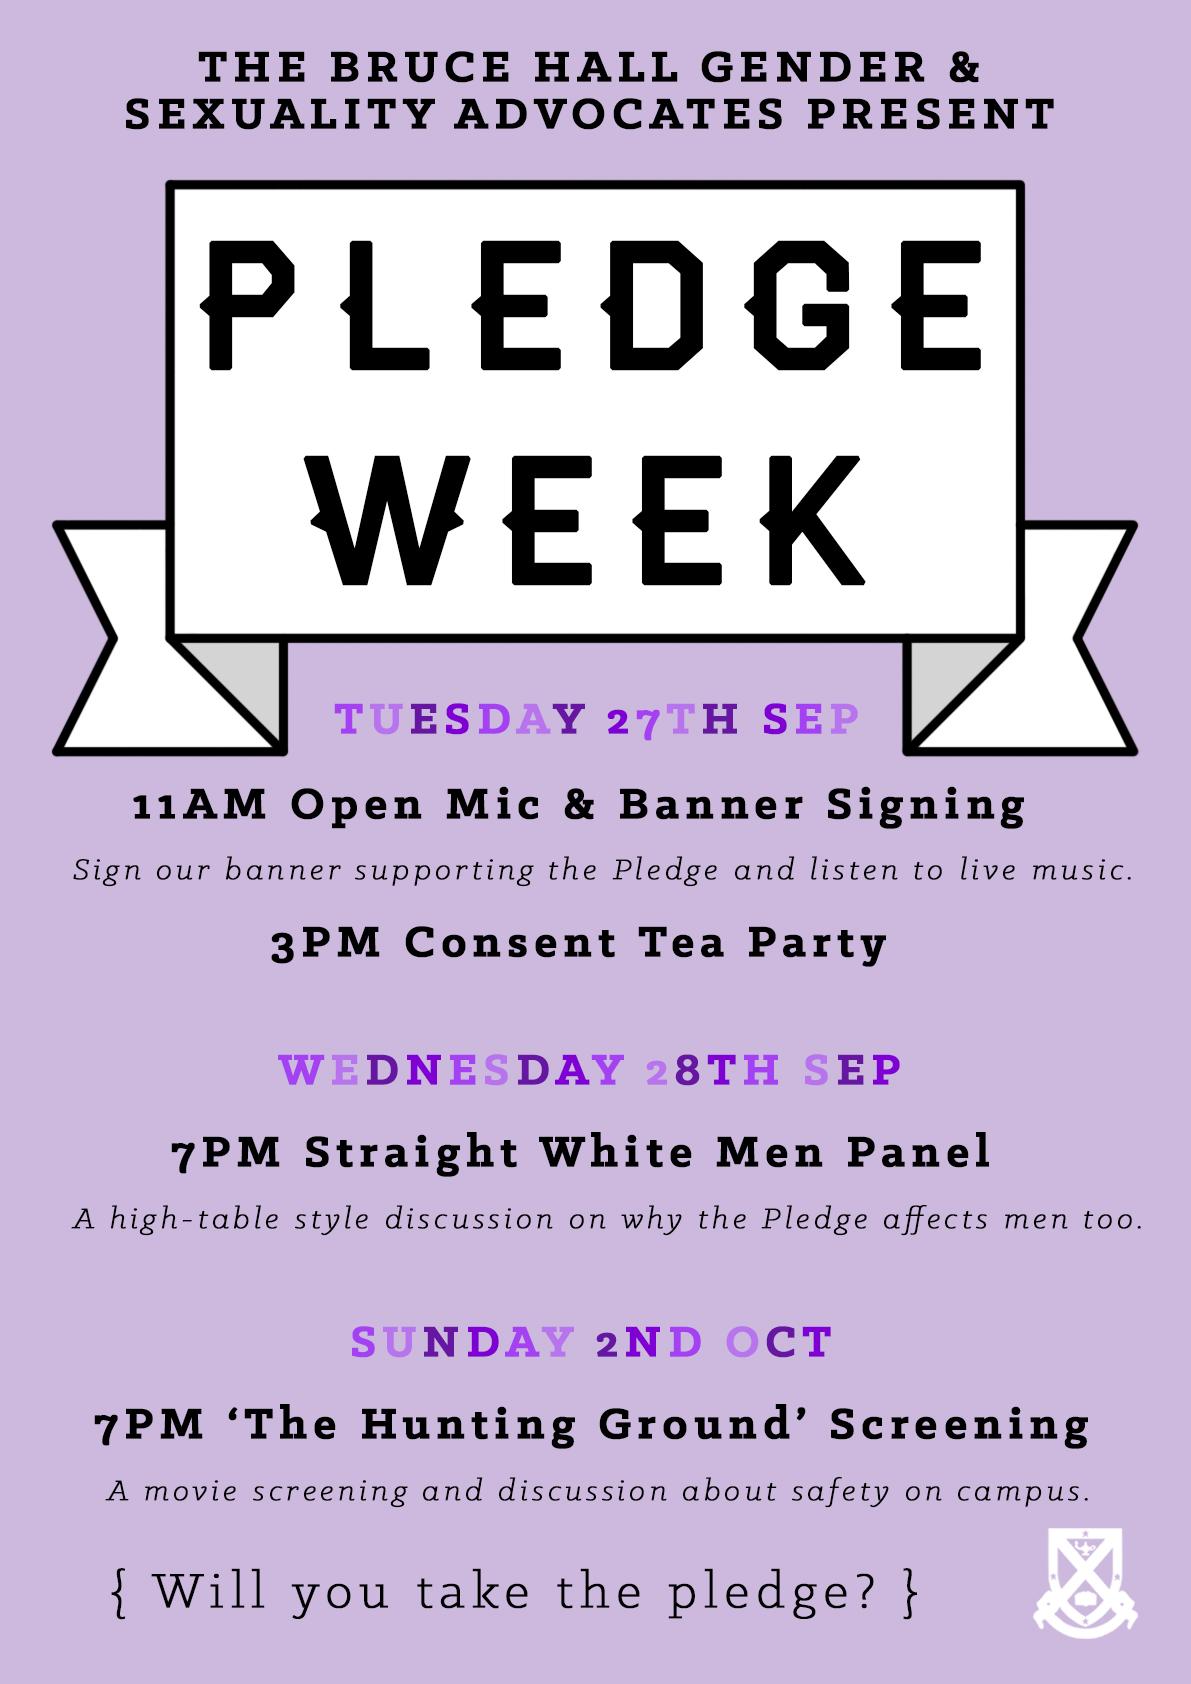 pledge-week2.jpg